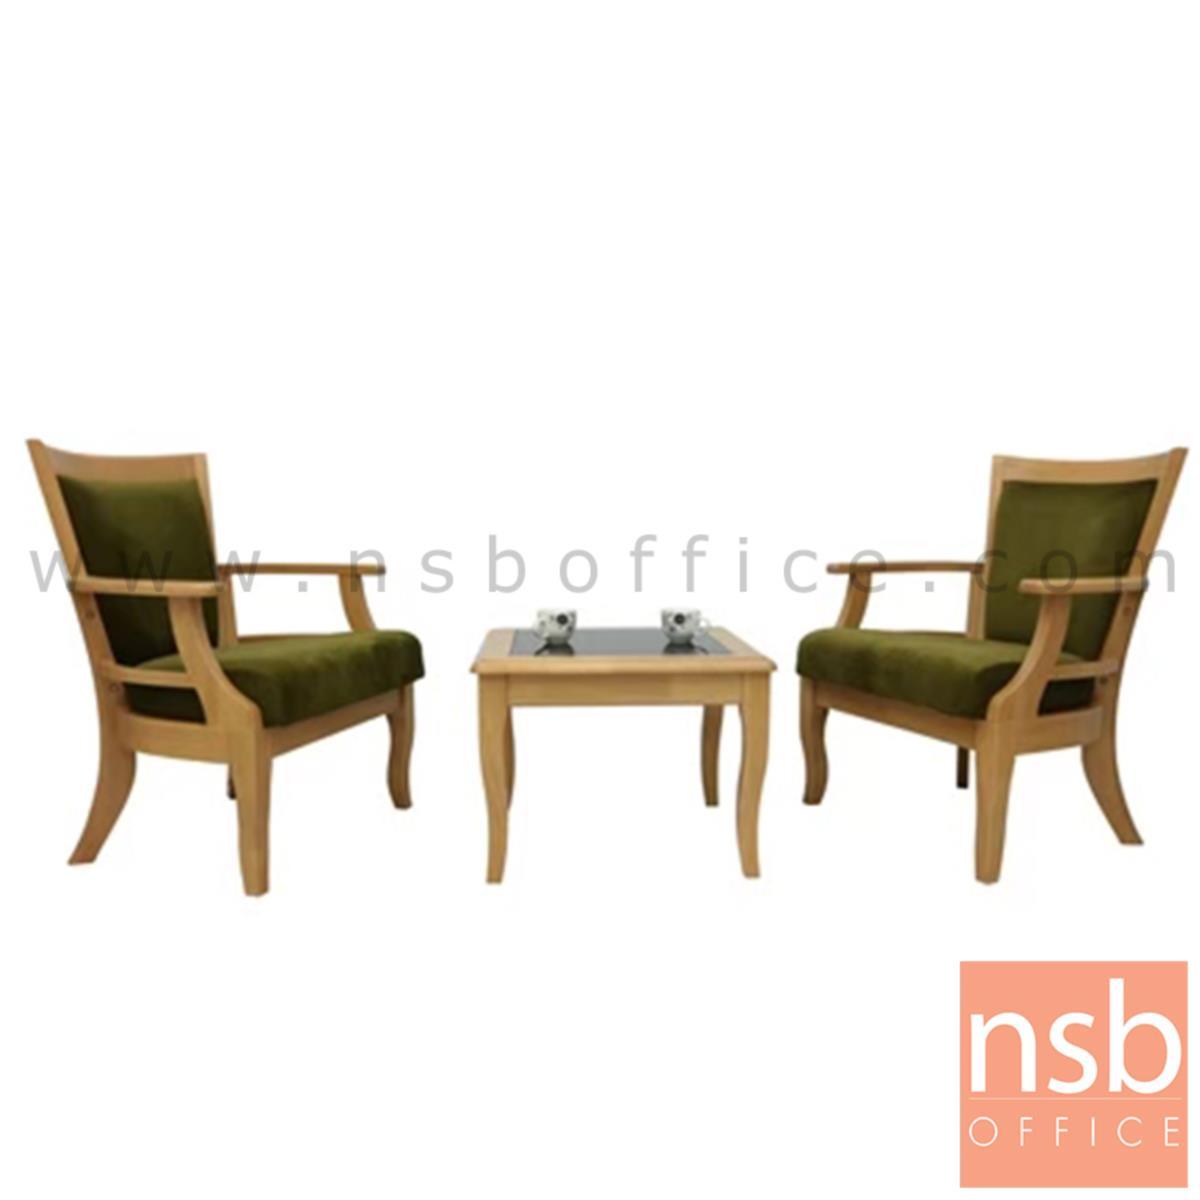 โซฟารับแขก รุ่น Kashmir (แคชเมียร์) 5, 3, 2, 1 ที่นั่ง โครงไม้ยางพารา